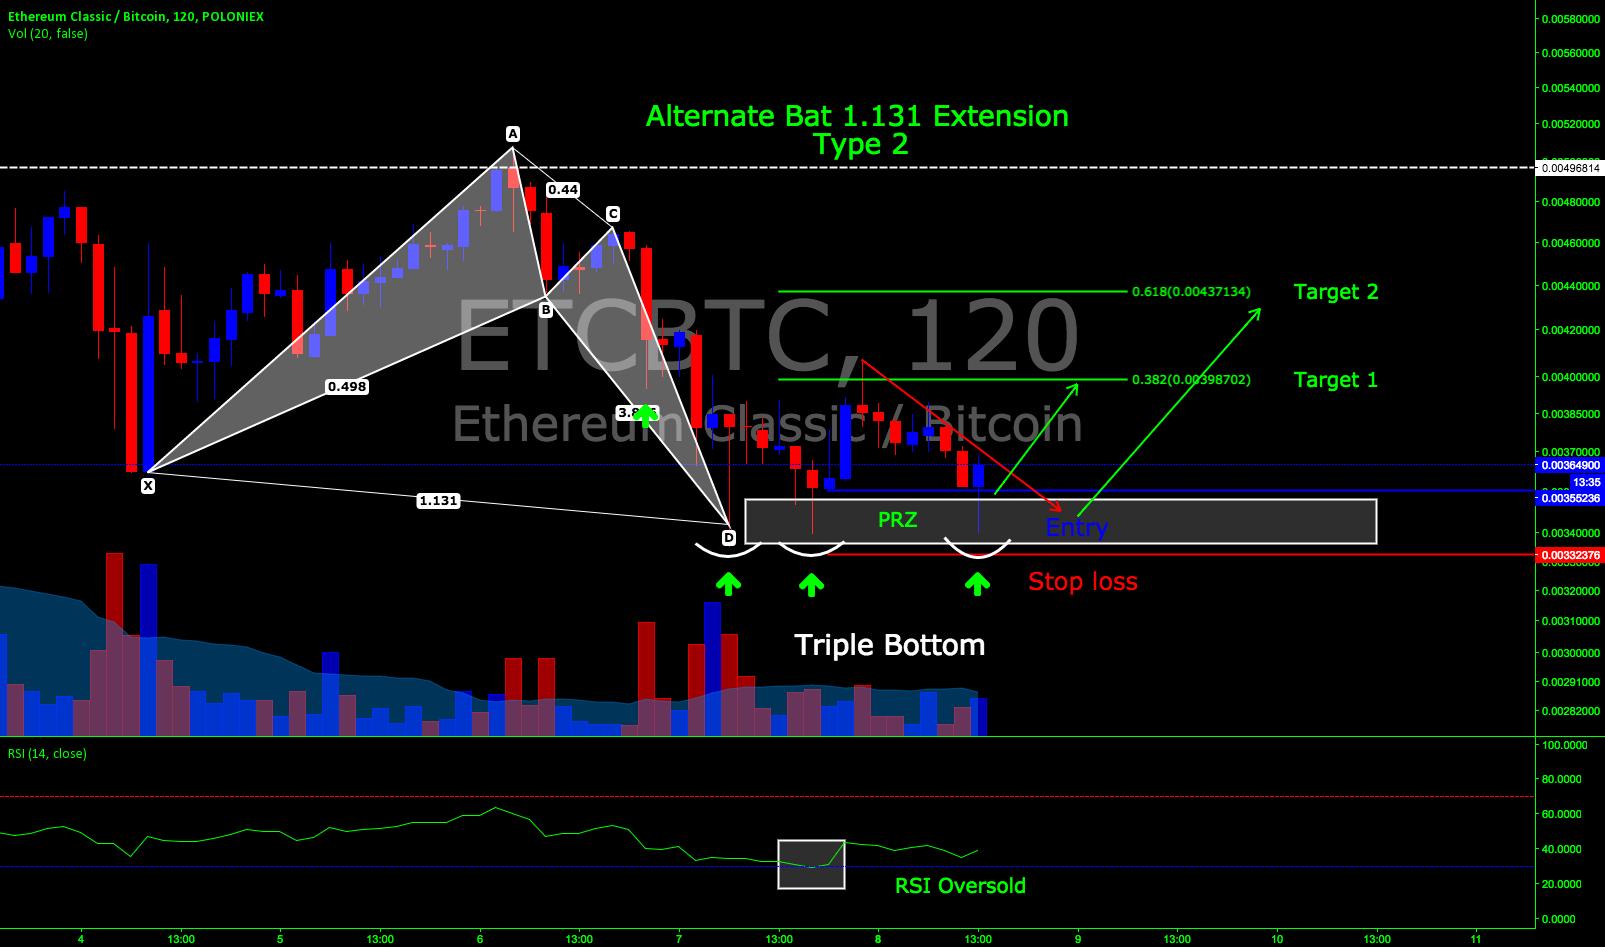 Bullish Alternate Bat: ETC/BTC pair/120 minute time frame